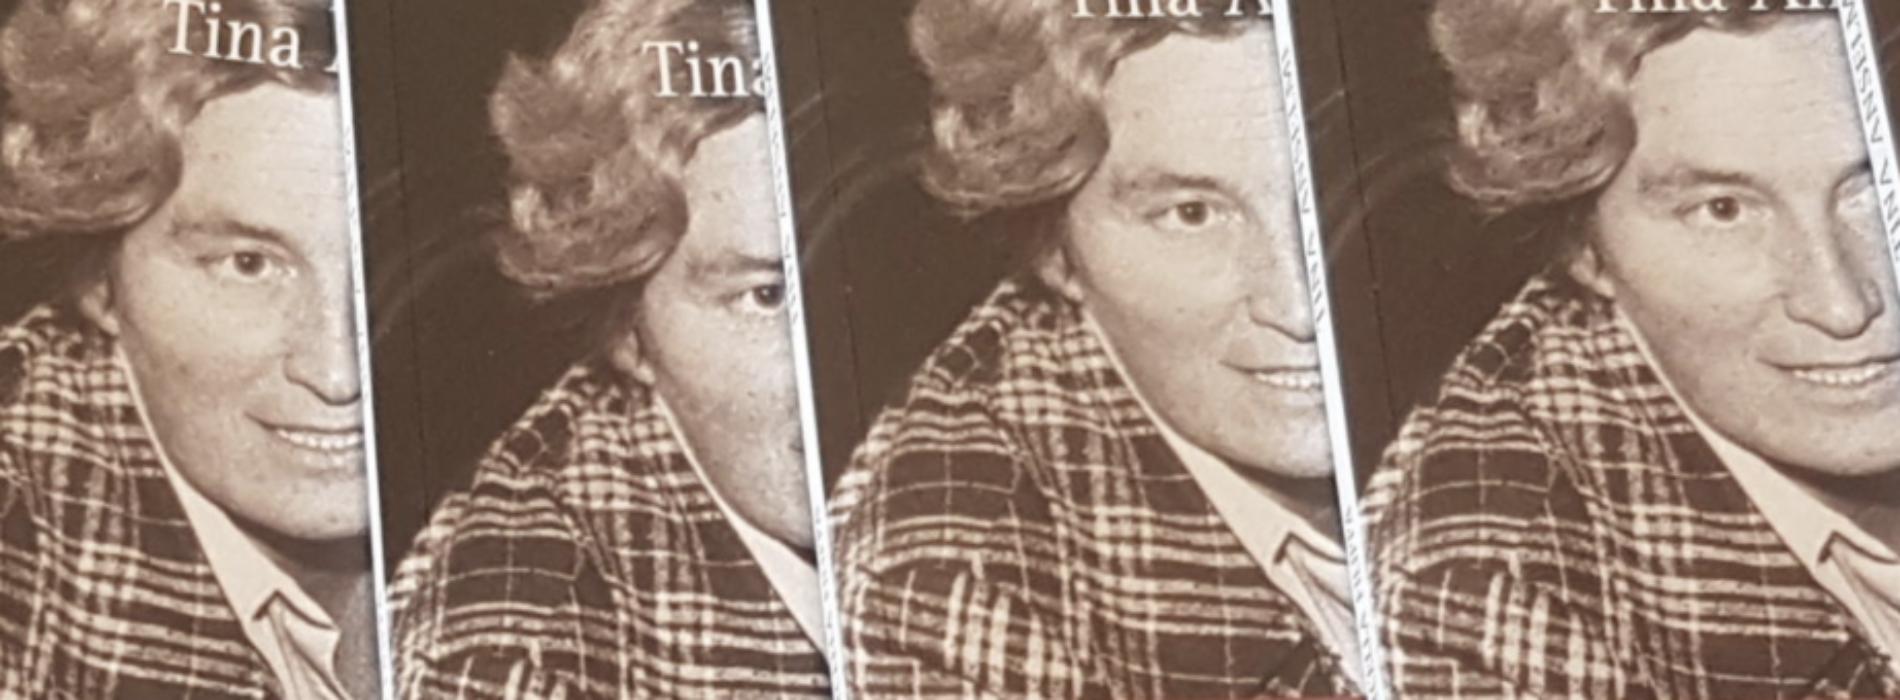 Toponomastica Femminile, l'associazione ricorda Tina Anselmi